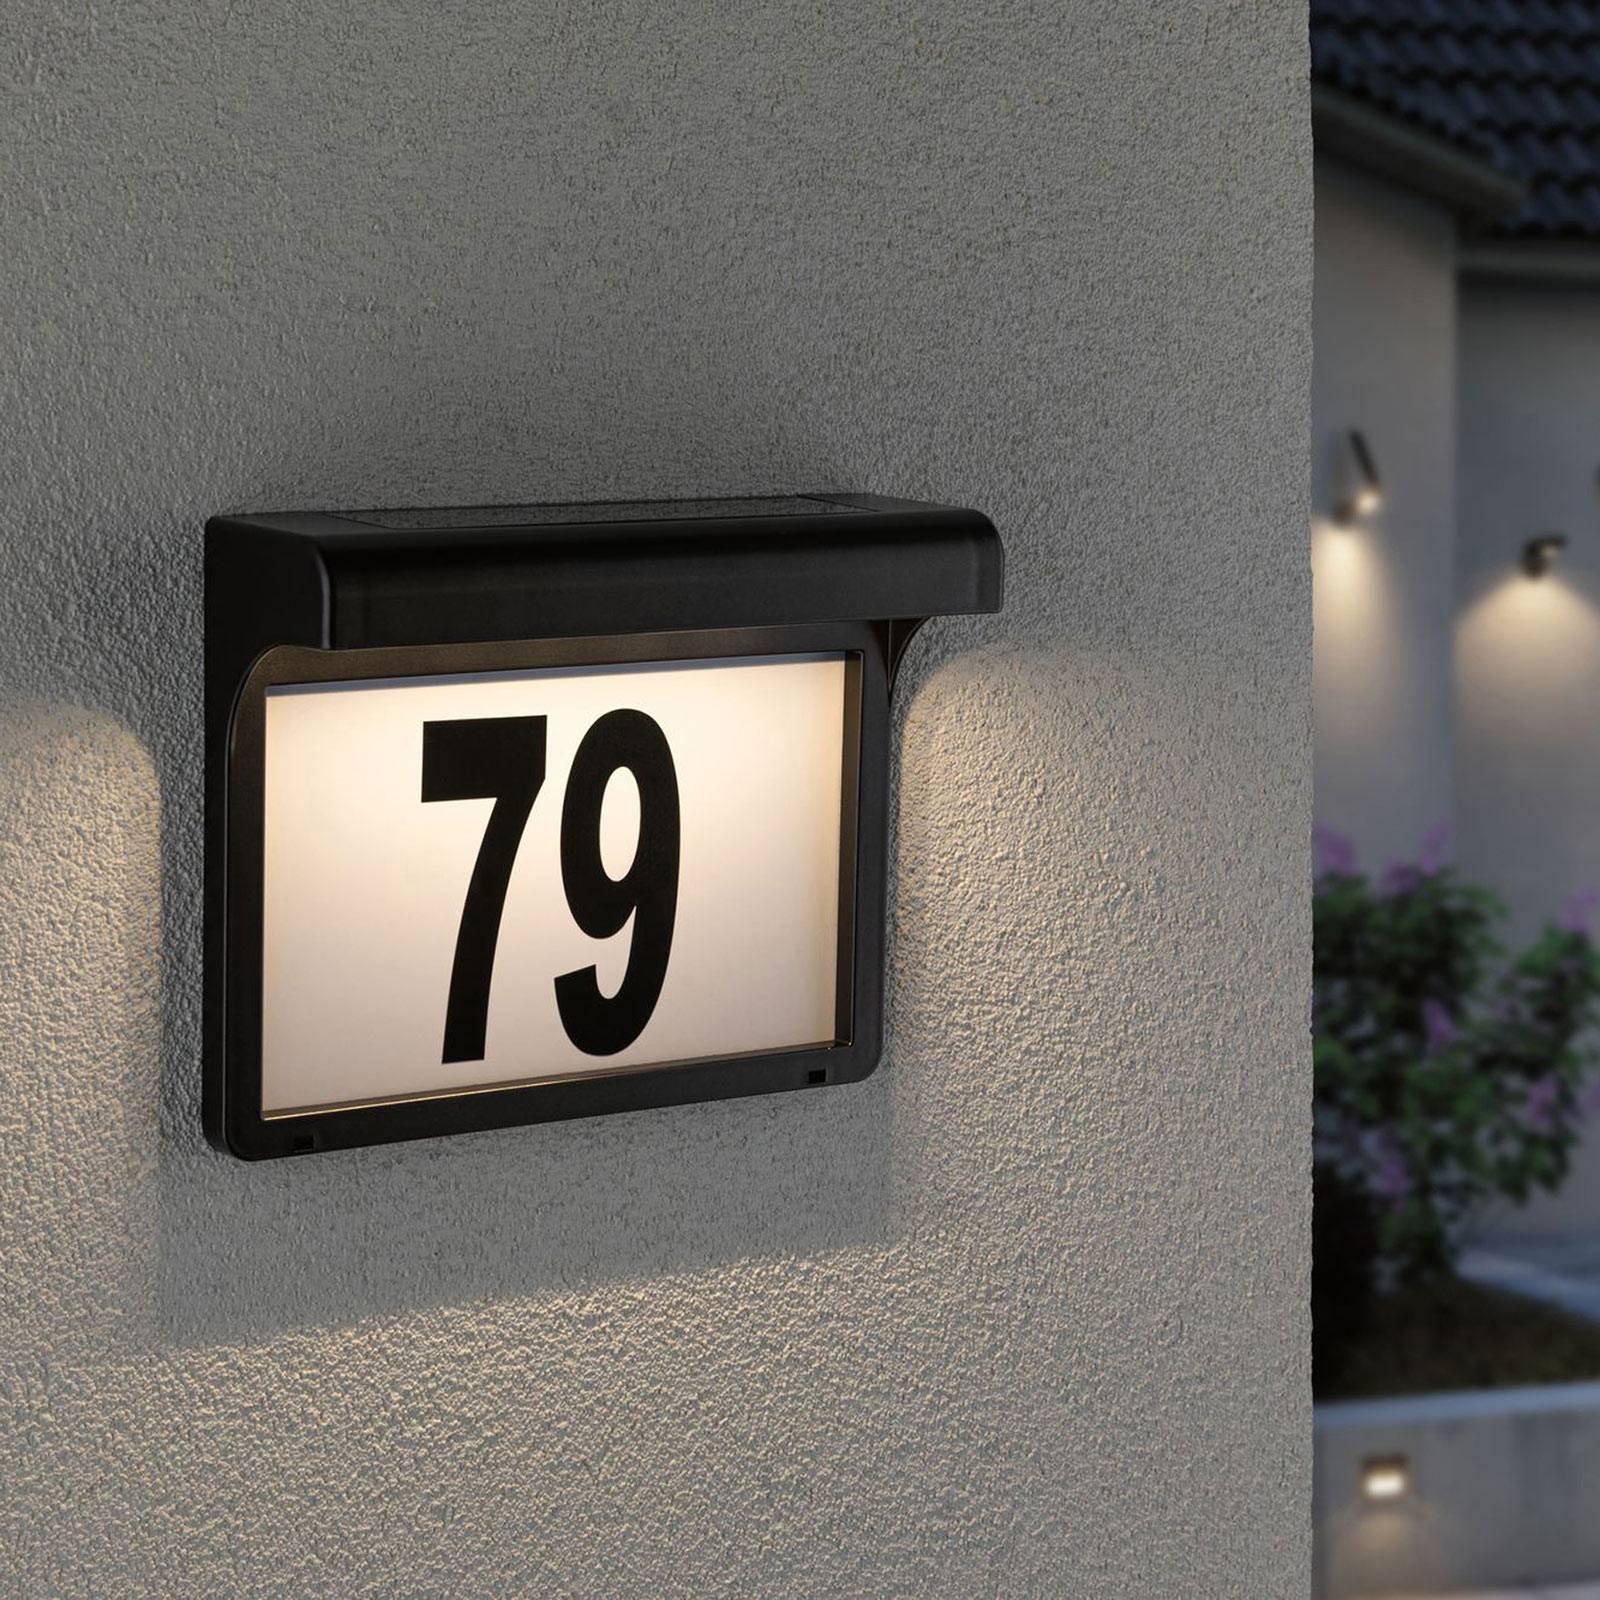 Paulmann Dayton LED-sol-husnummerlampe